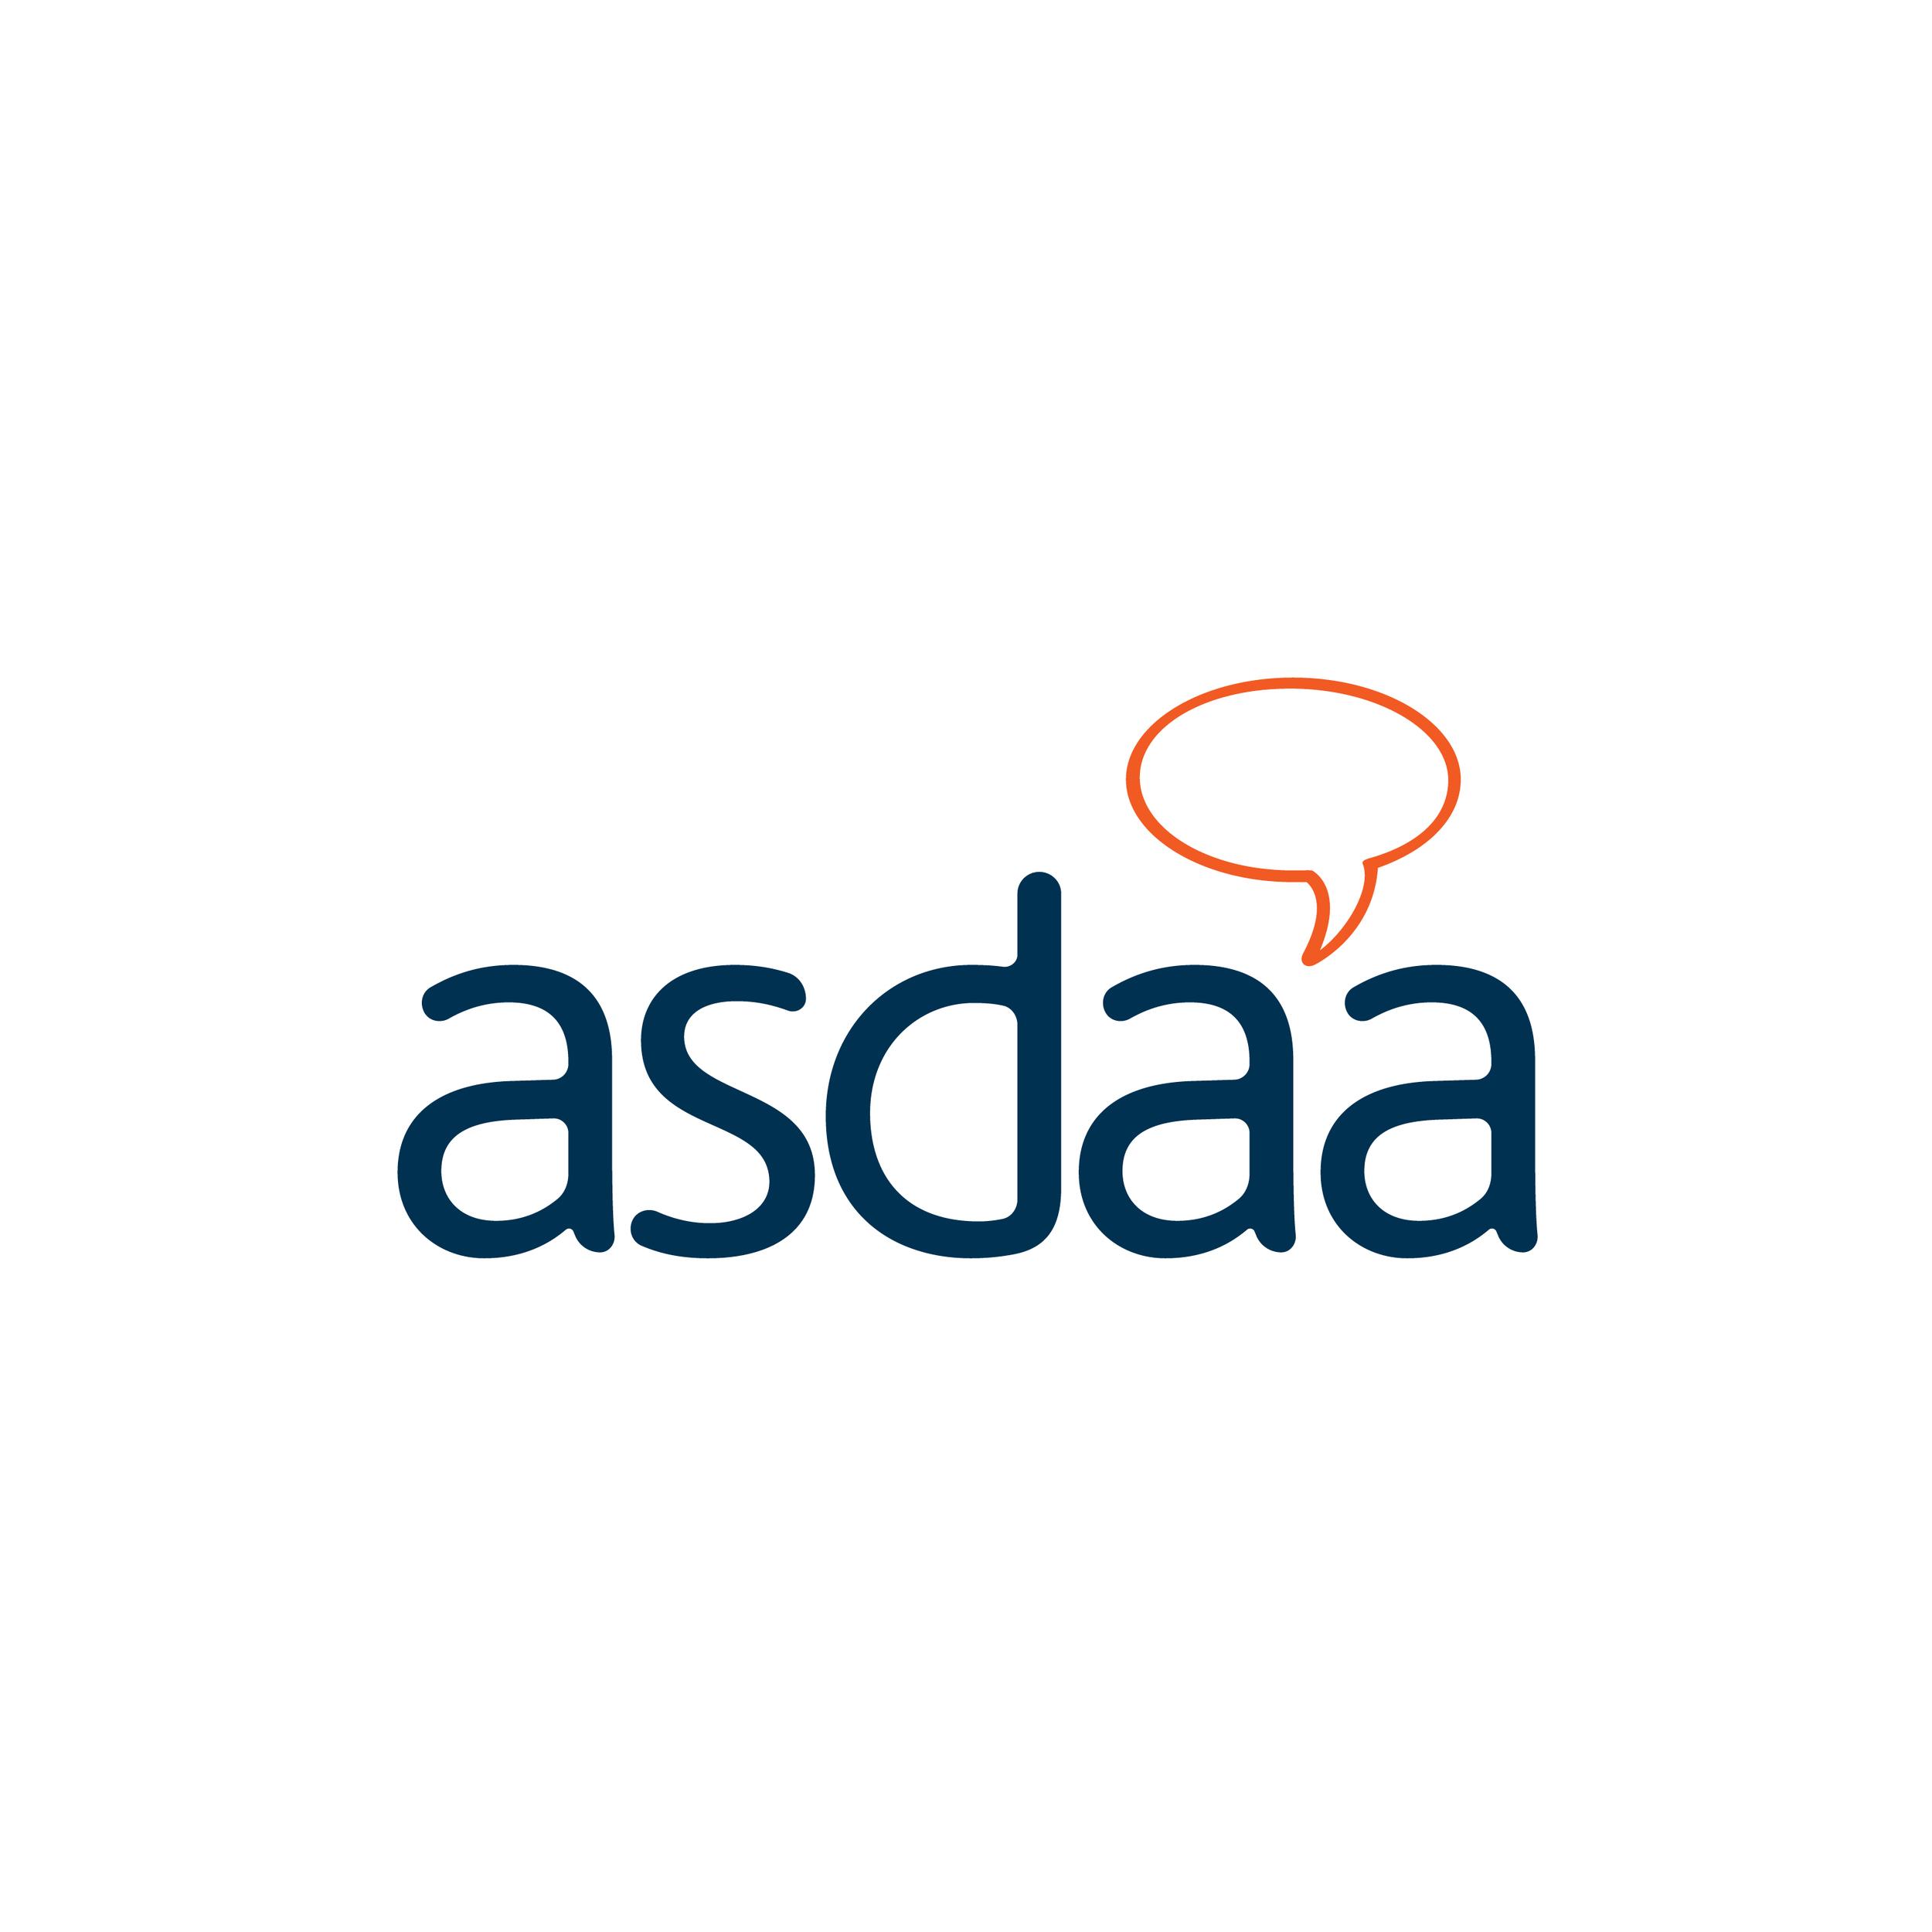 Asda'a Public Relations